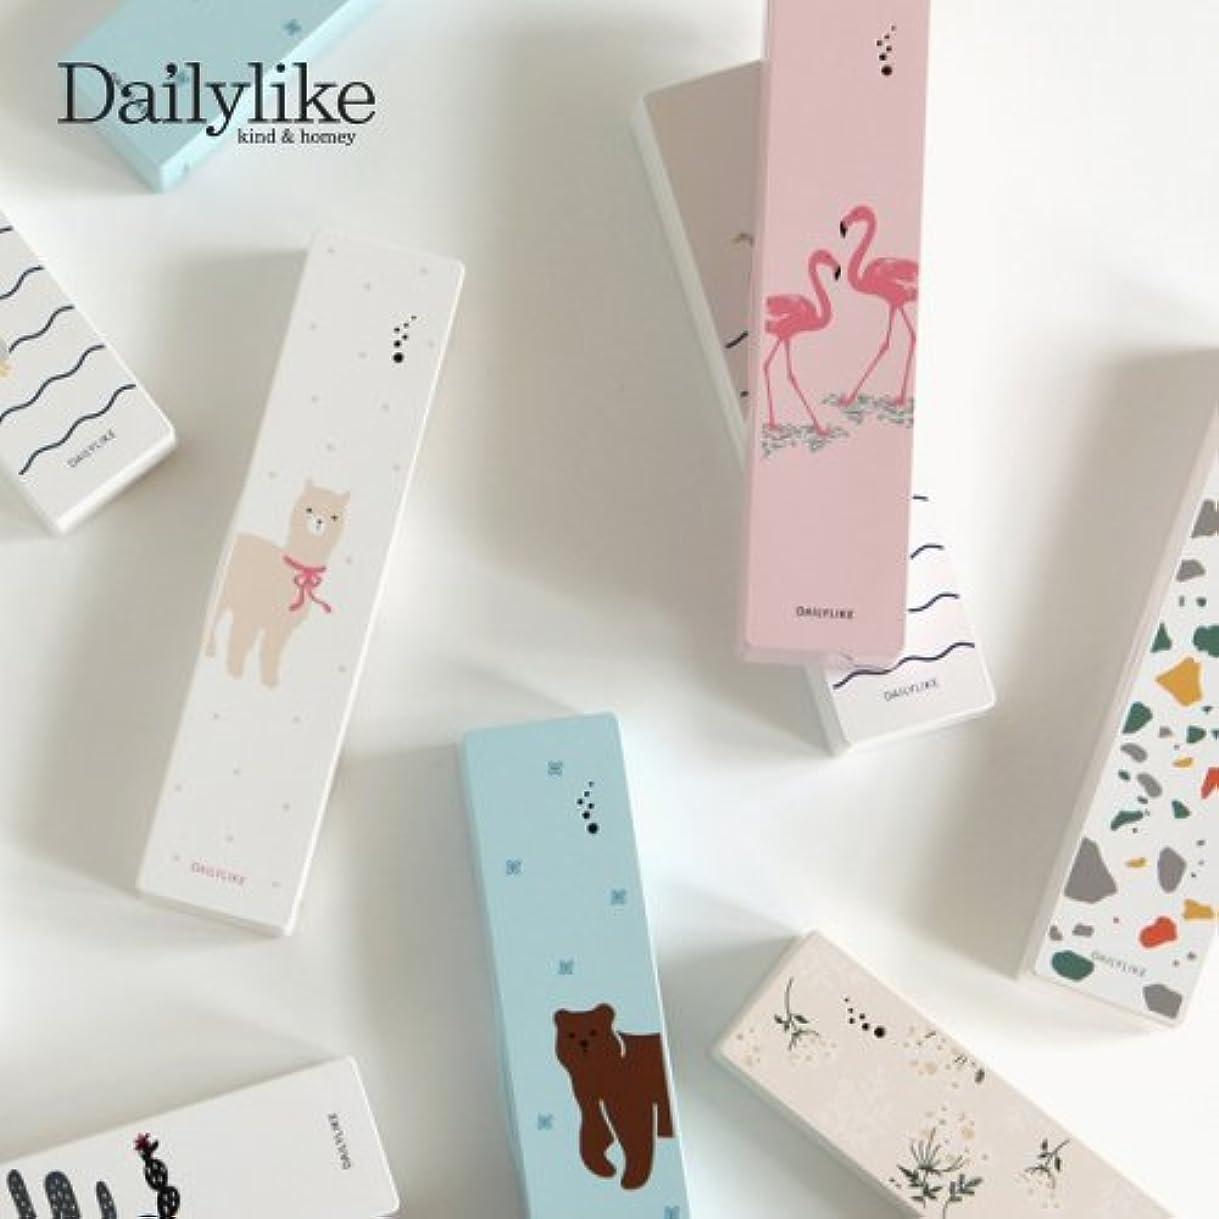 朝ごはんスクリュー経営者【Dailylike】携帯用歯ブラシ除菌器(Portable Toothbrush Sterilizer) (Terrazzo)